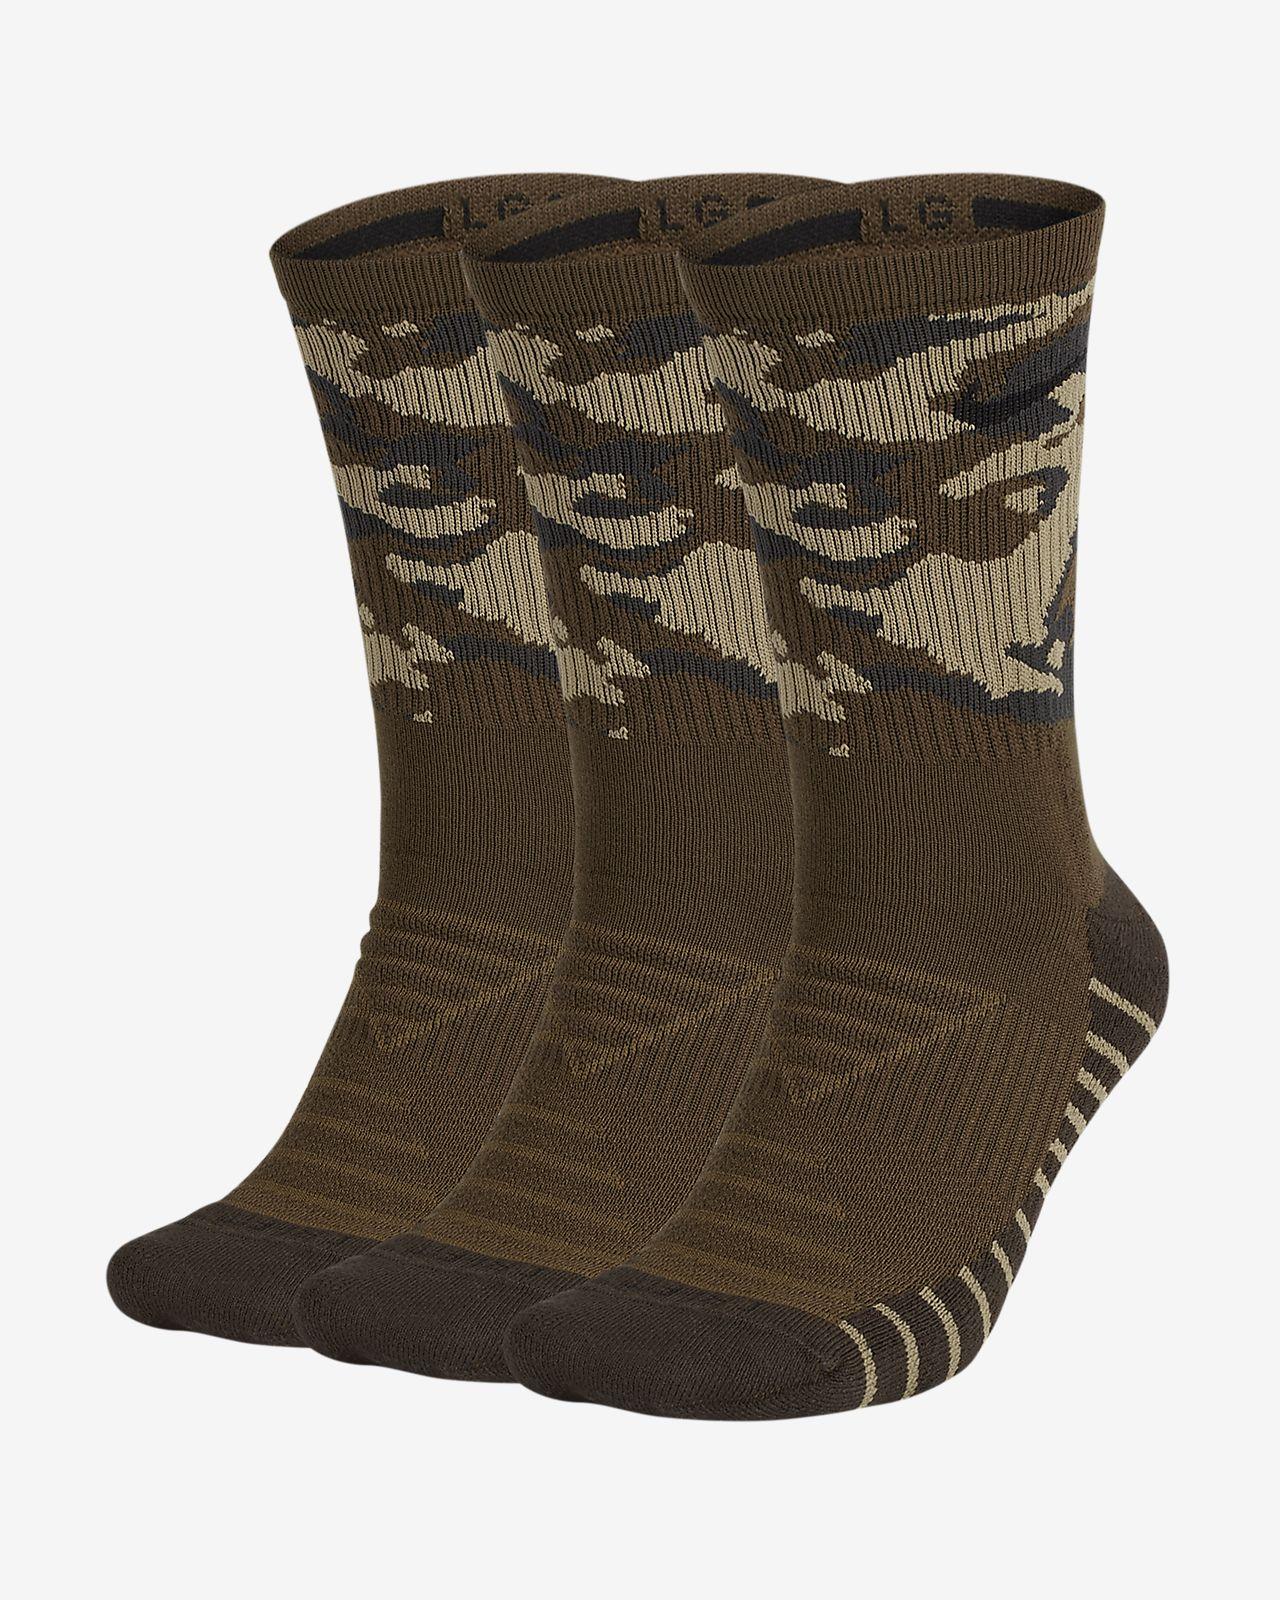 Nike Everyday Max Cushion Calcetines largos de entrenamiento de camuflaje (3 pares)